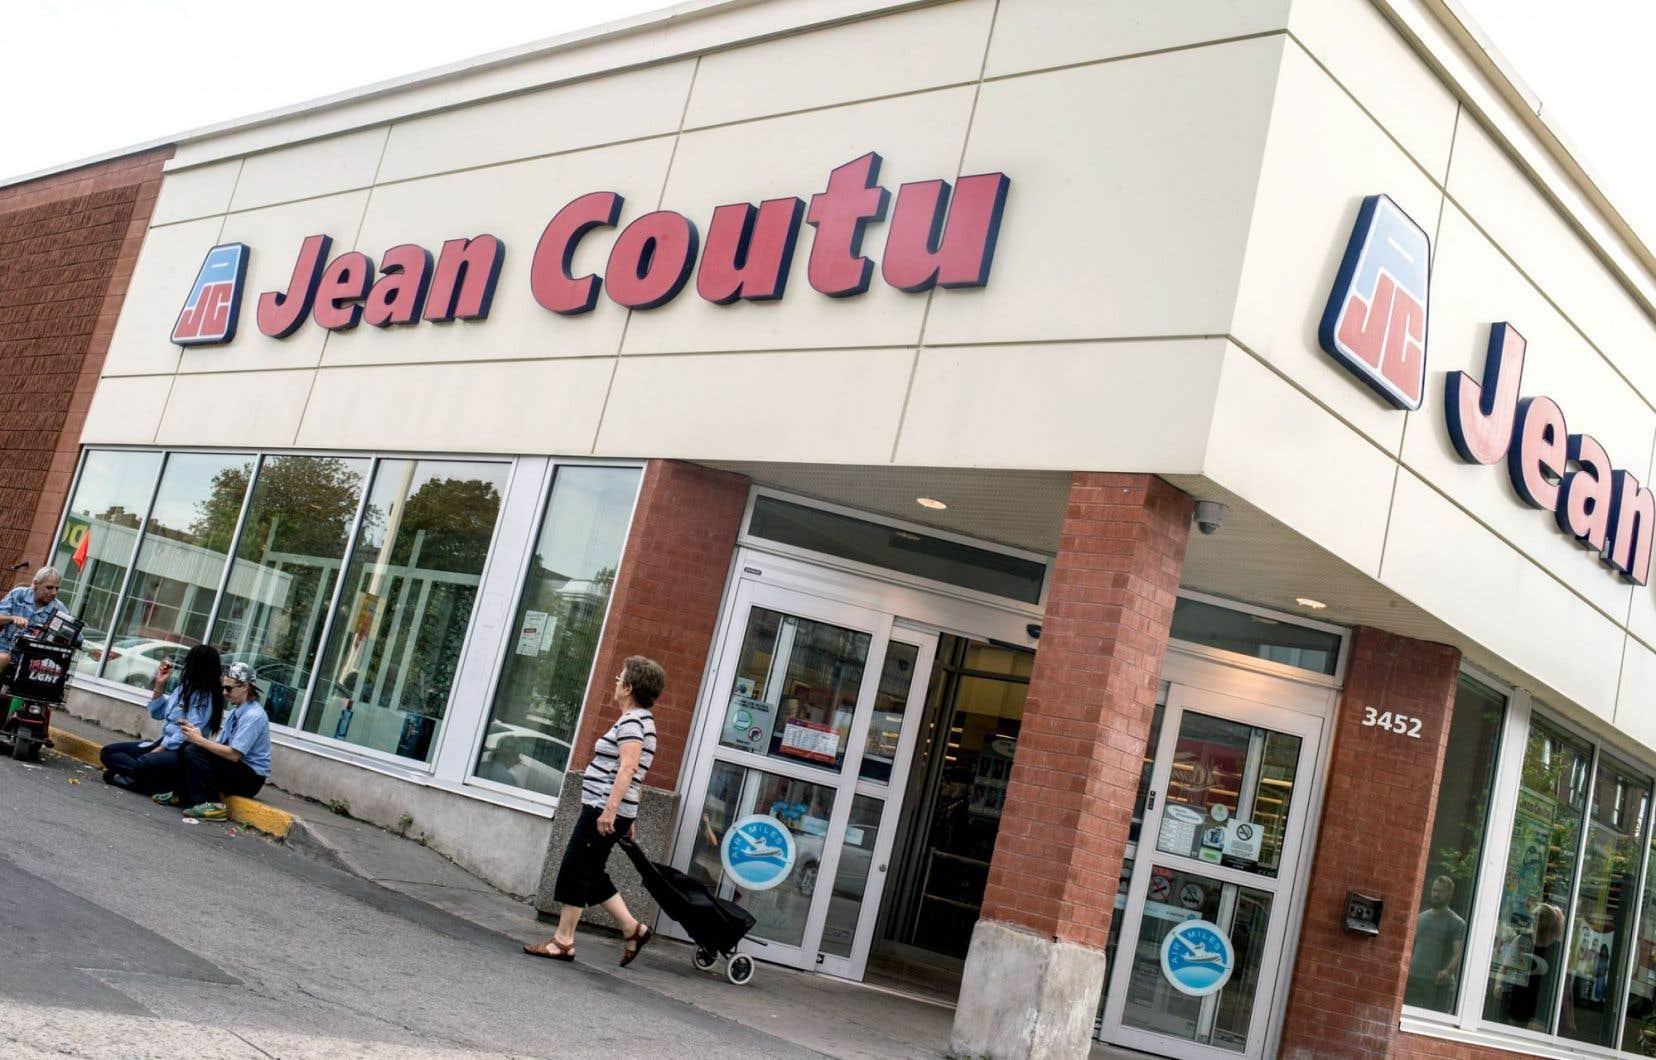 Le réseau de Jean Coutu possède 382 pharmacies à travers la province.